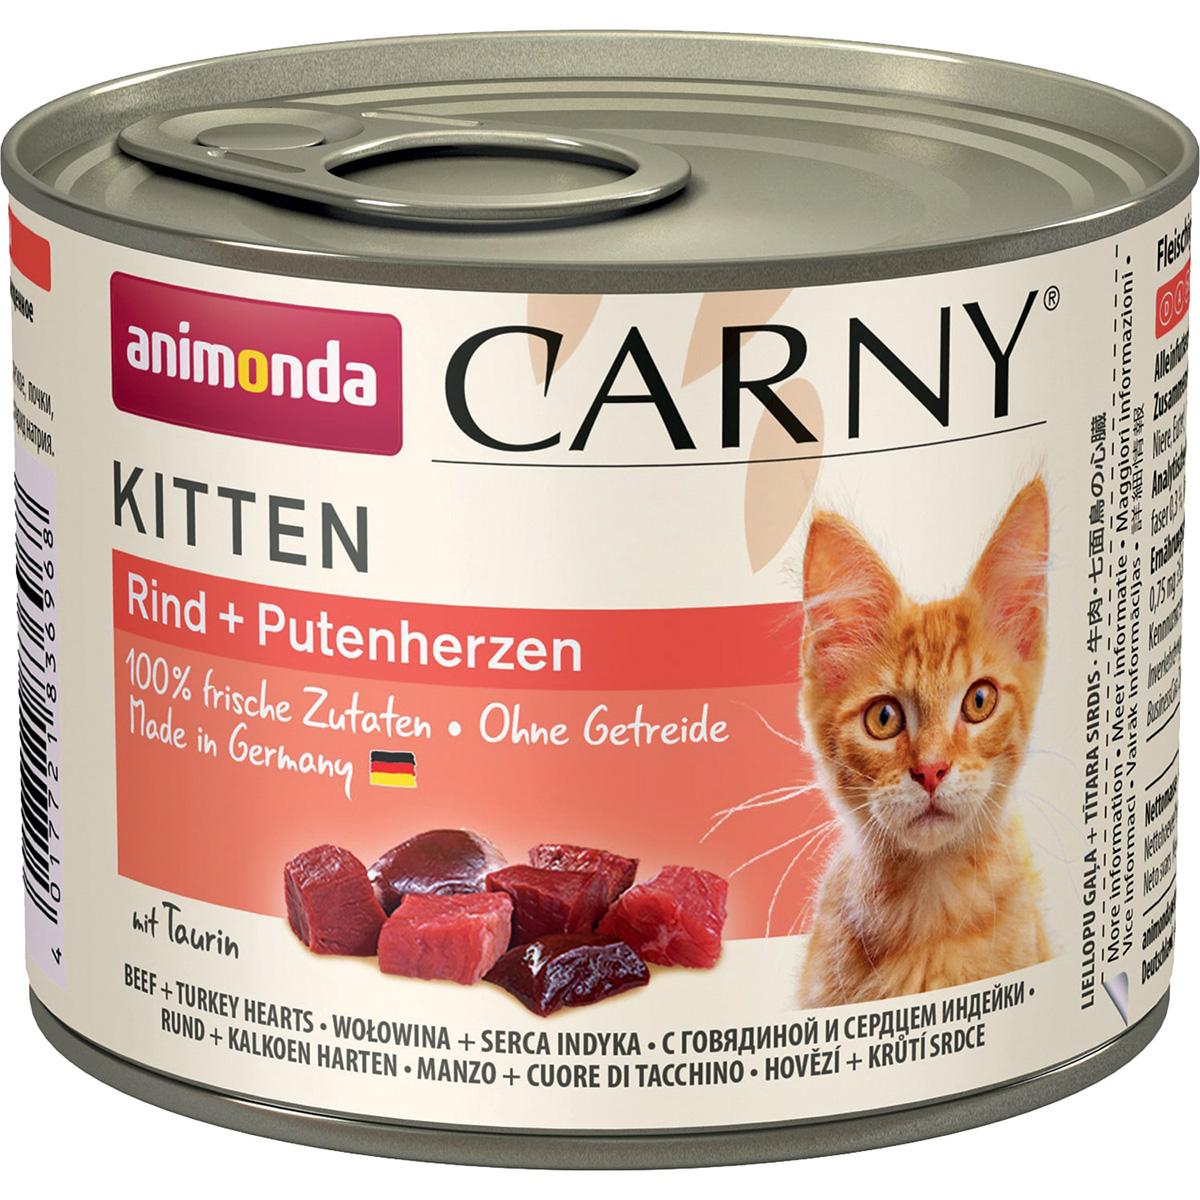 корм для котят animonda carny kitten говядина сердце индейки конс 200г Animonda Carny Kitten Rind & Putenherzen для котят с говядиной и сердцем индейки 200 гр (200 гр)